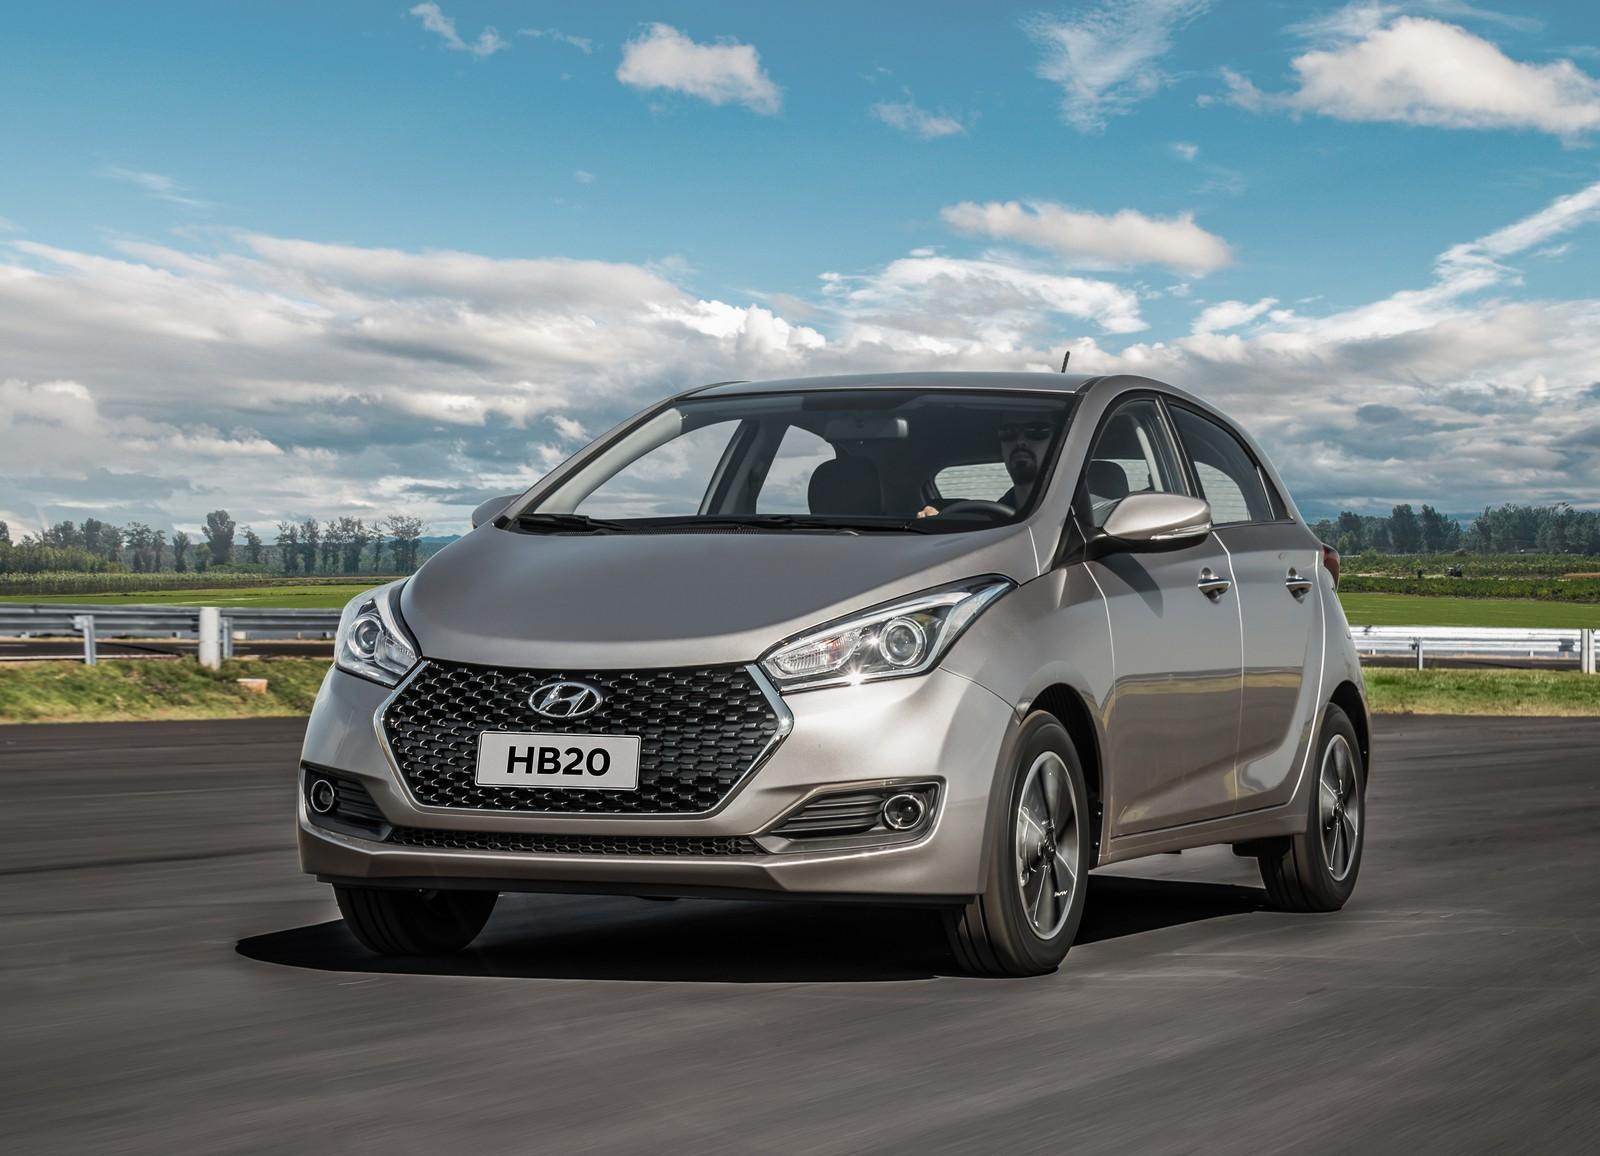 Design do Hyundai HB20 2019